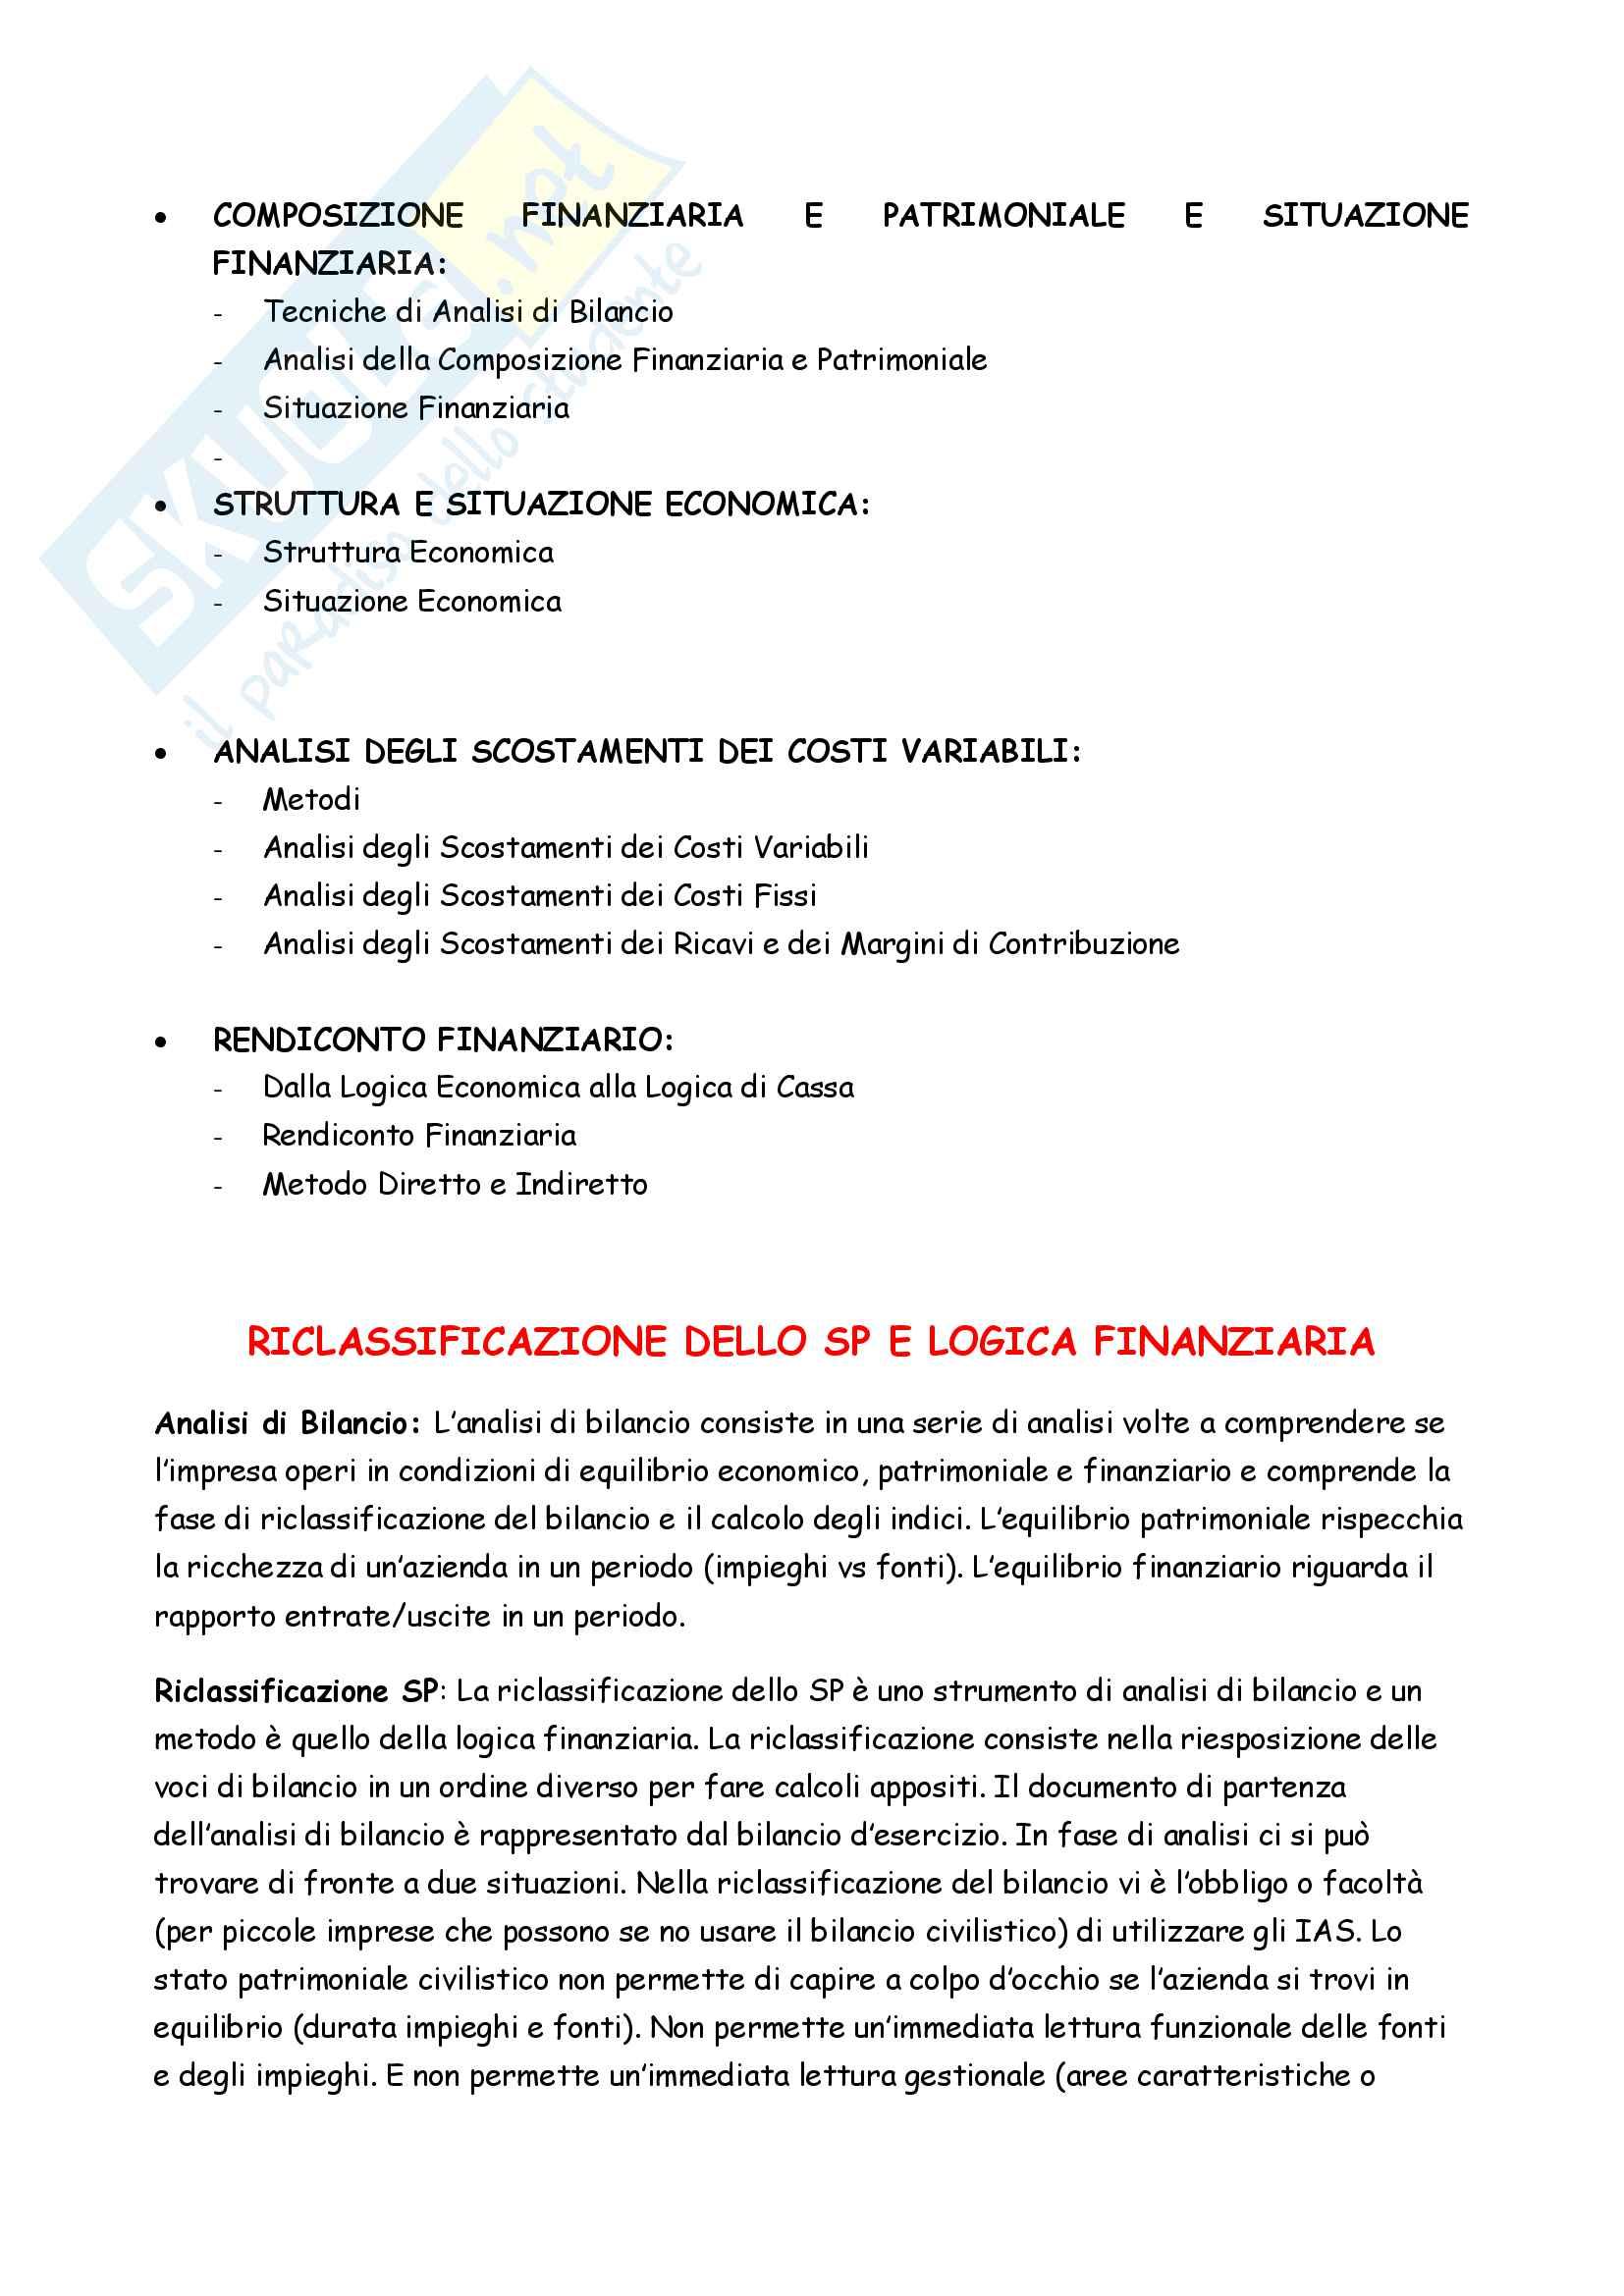 Appunti completi Controllo di gestione Pag. 2